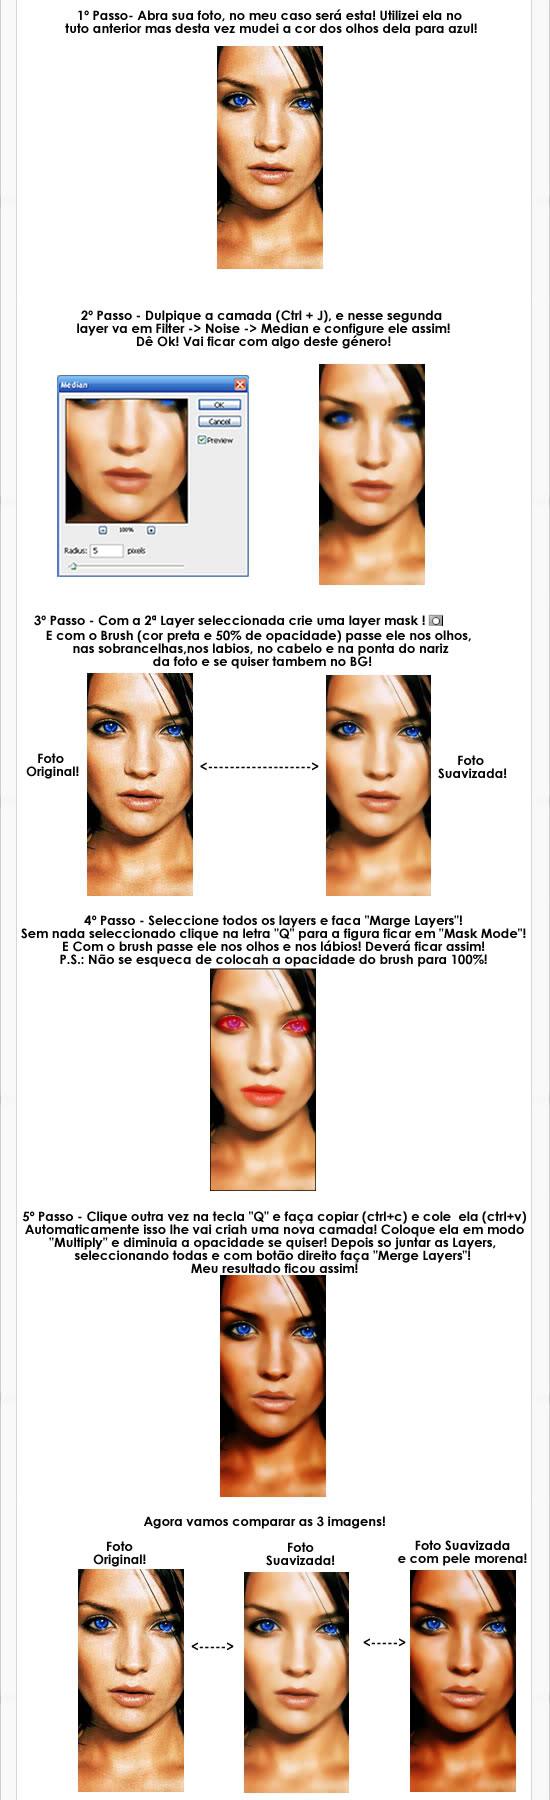 Tuto Photoshop - Suavizando E Escurecendo A Cor Fa Pele Tuto2-part2